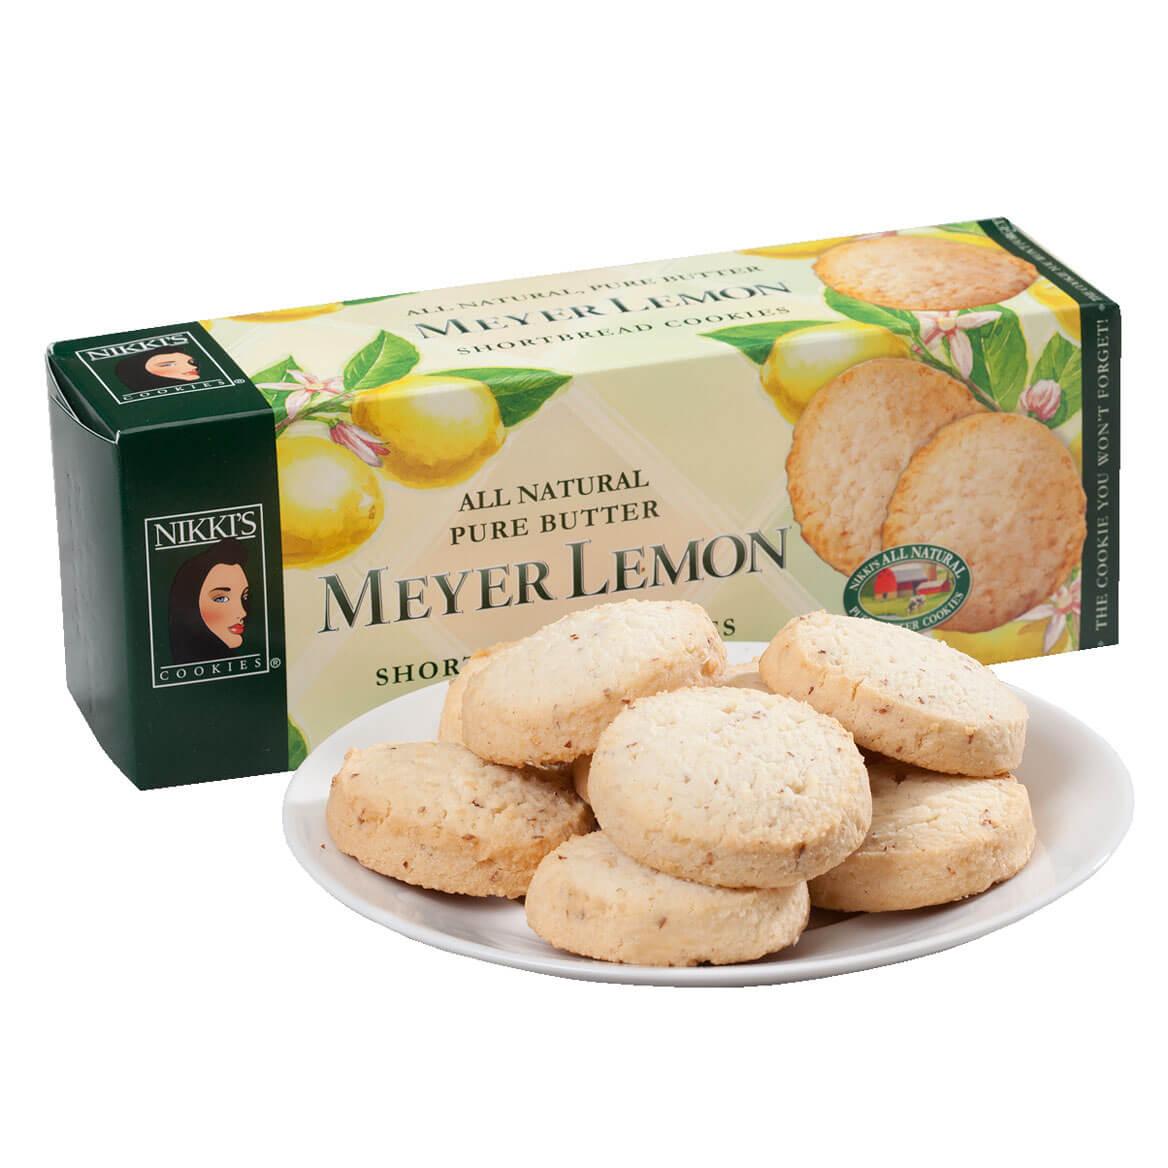 Pure Butter Meyer Lemon Shortbread Cookies, 5.7 oz.